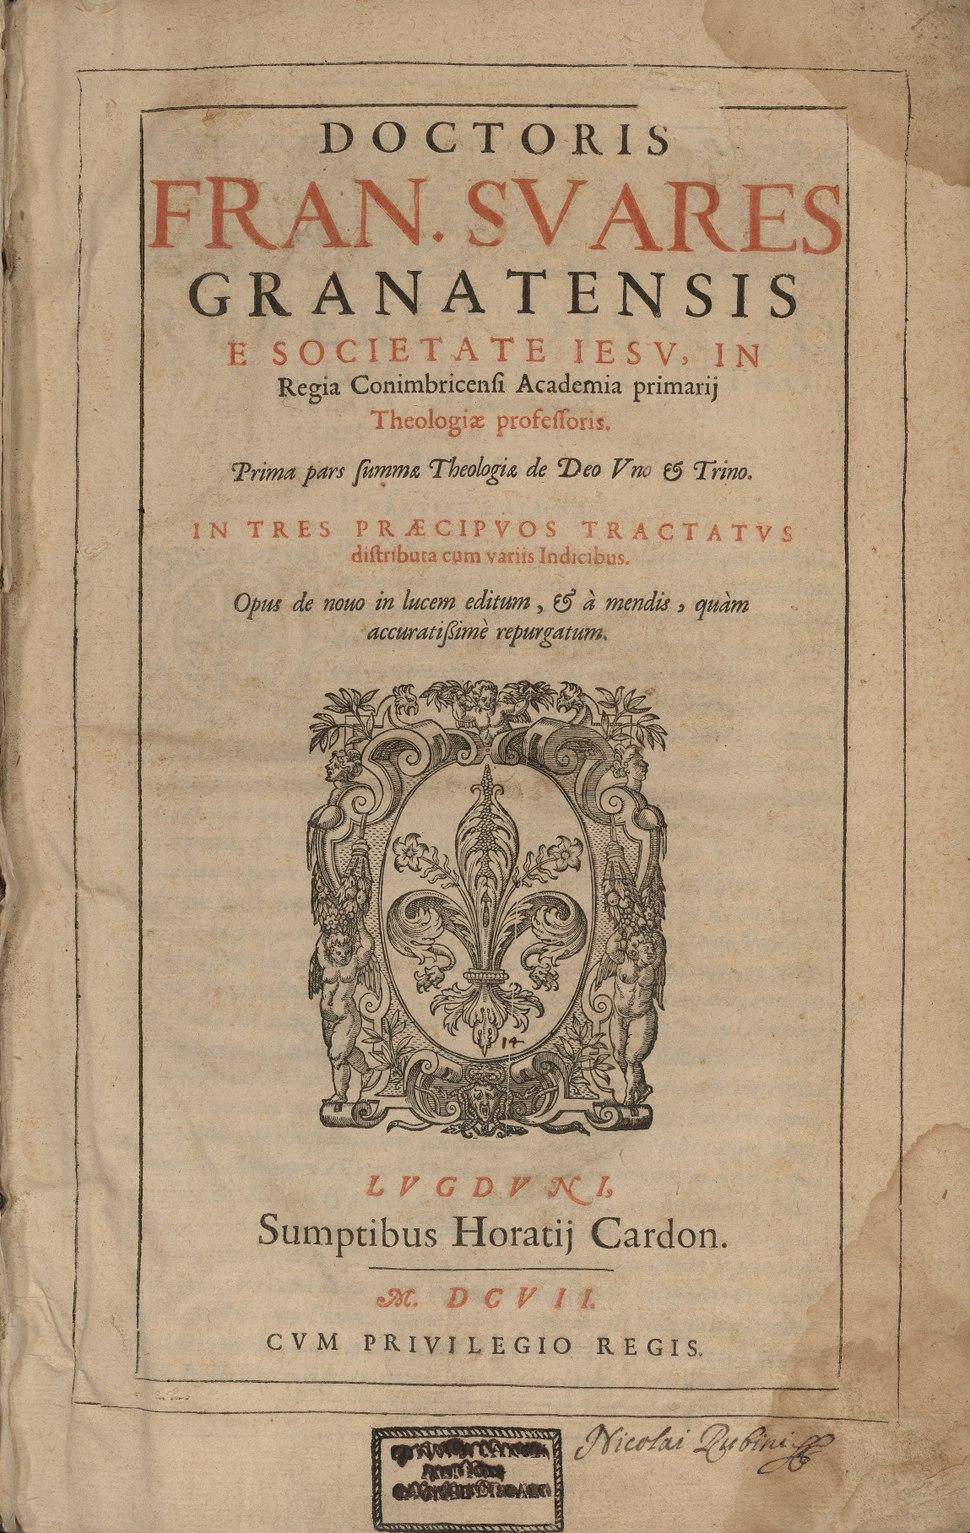 Prima pars Summae theologiae de Deo vno et trino BEIC3 V00042 F0006